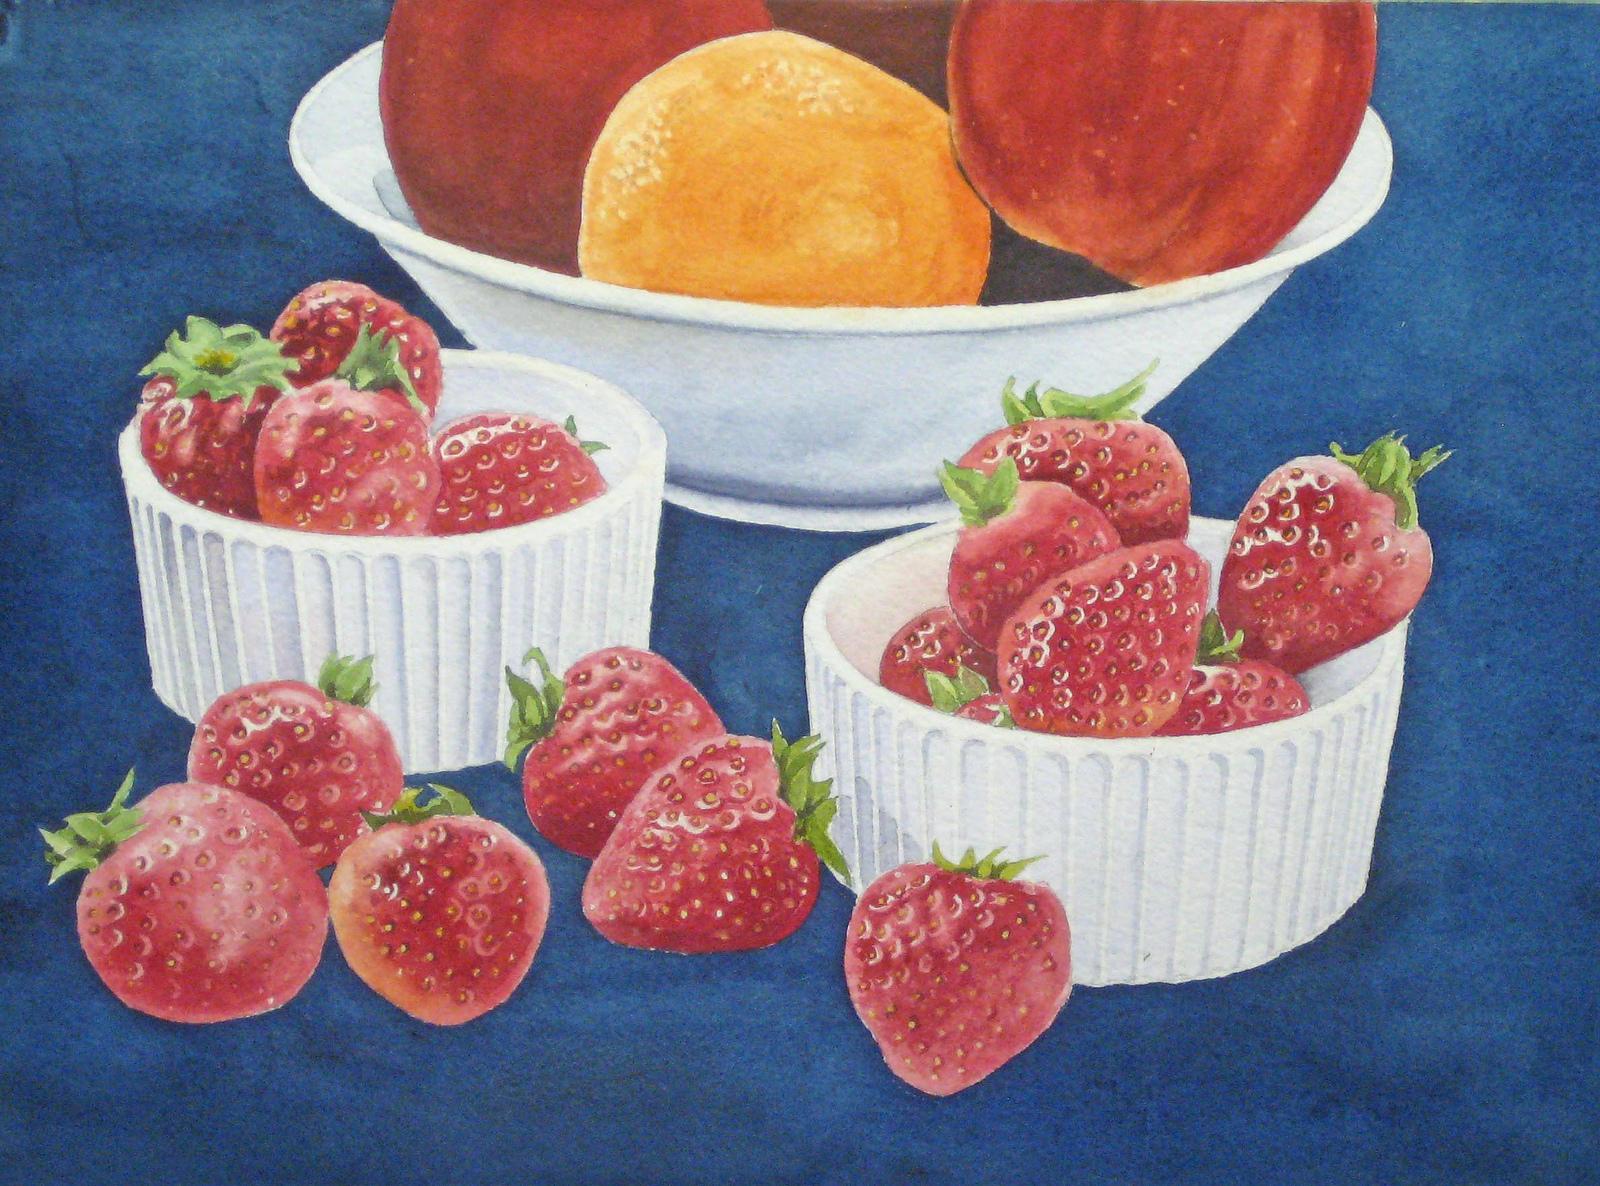 Erdbeeren Malen Früchte Malen Obst Malen Mit Aquarellfarben Malen